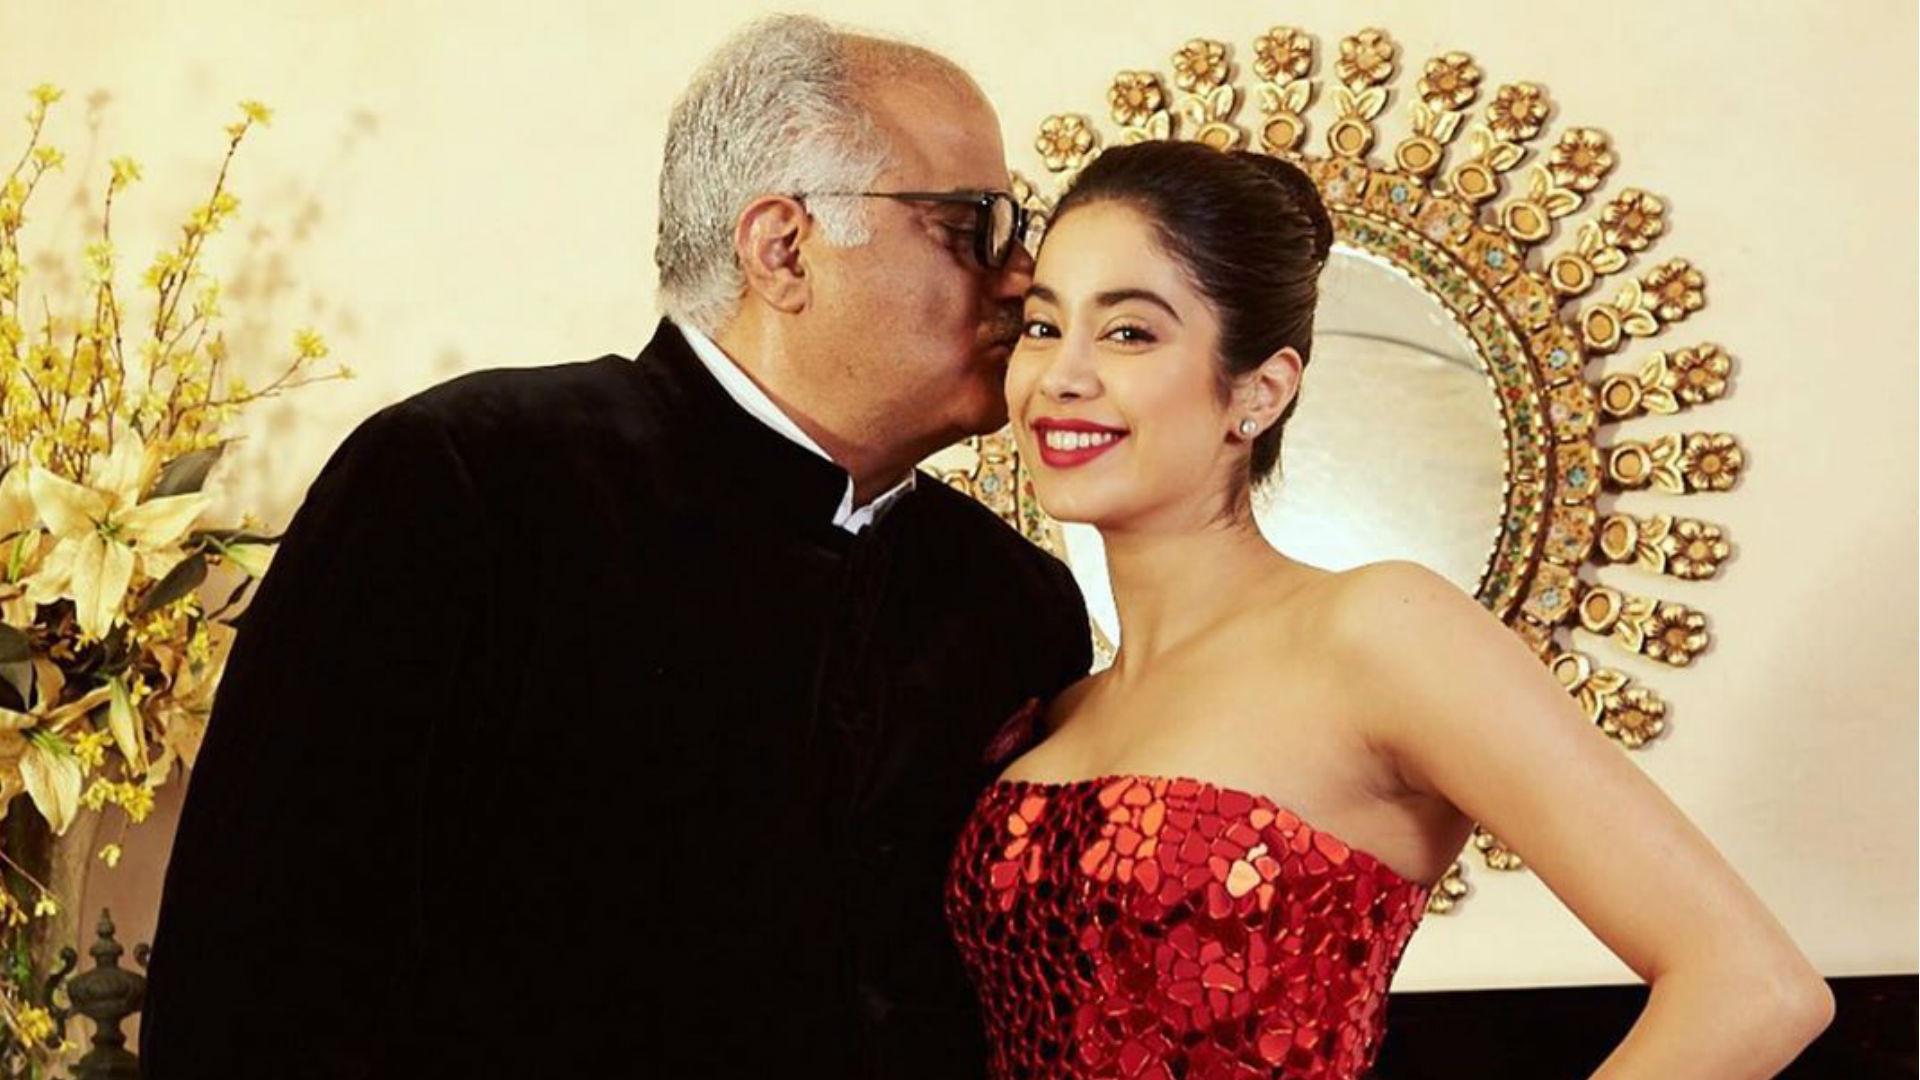 Boney Kapoor Birthday: पिता के जन्मदिन पर जान्हवी कपूर ने शेयर की यादें, देखिए कपूर परिवार की अनदेखी तस्वीरें